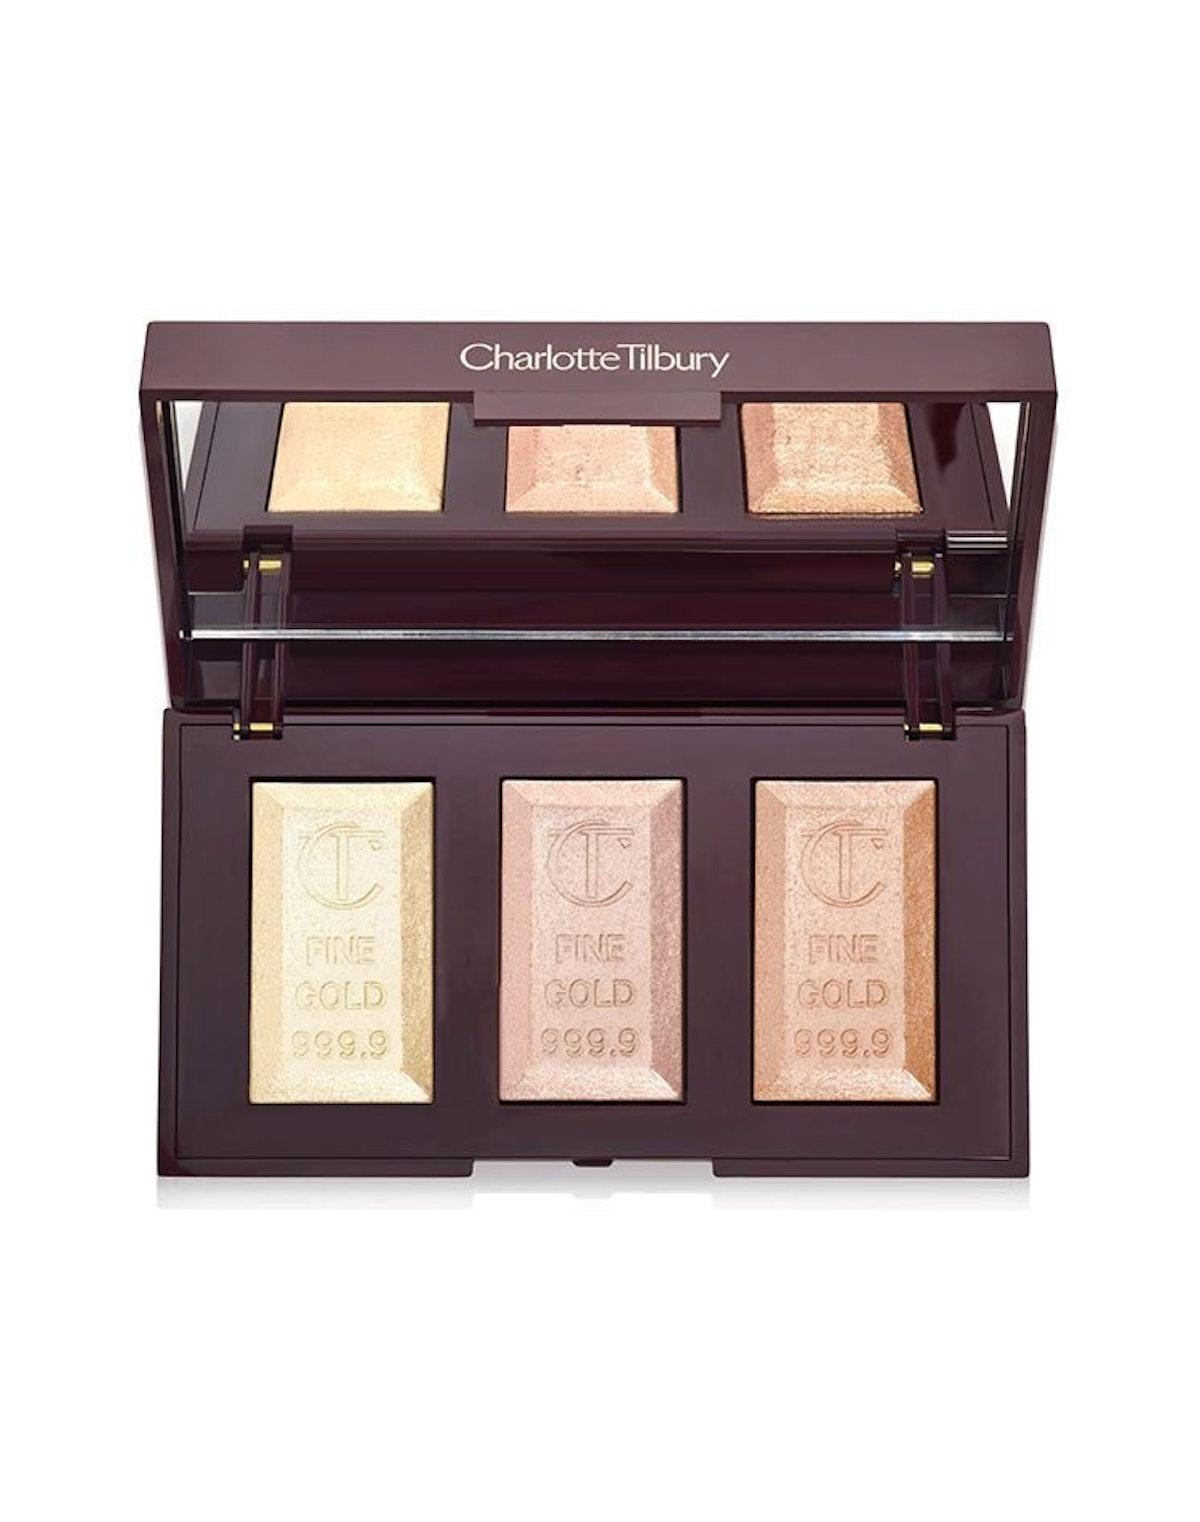 Charlotte Tilbury Bar of Gold Highlighting Palette